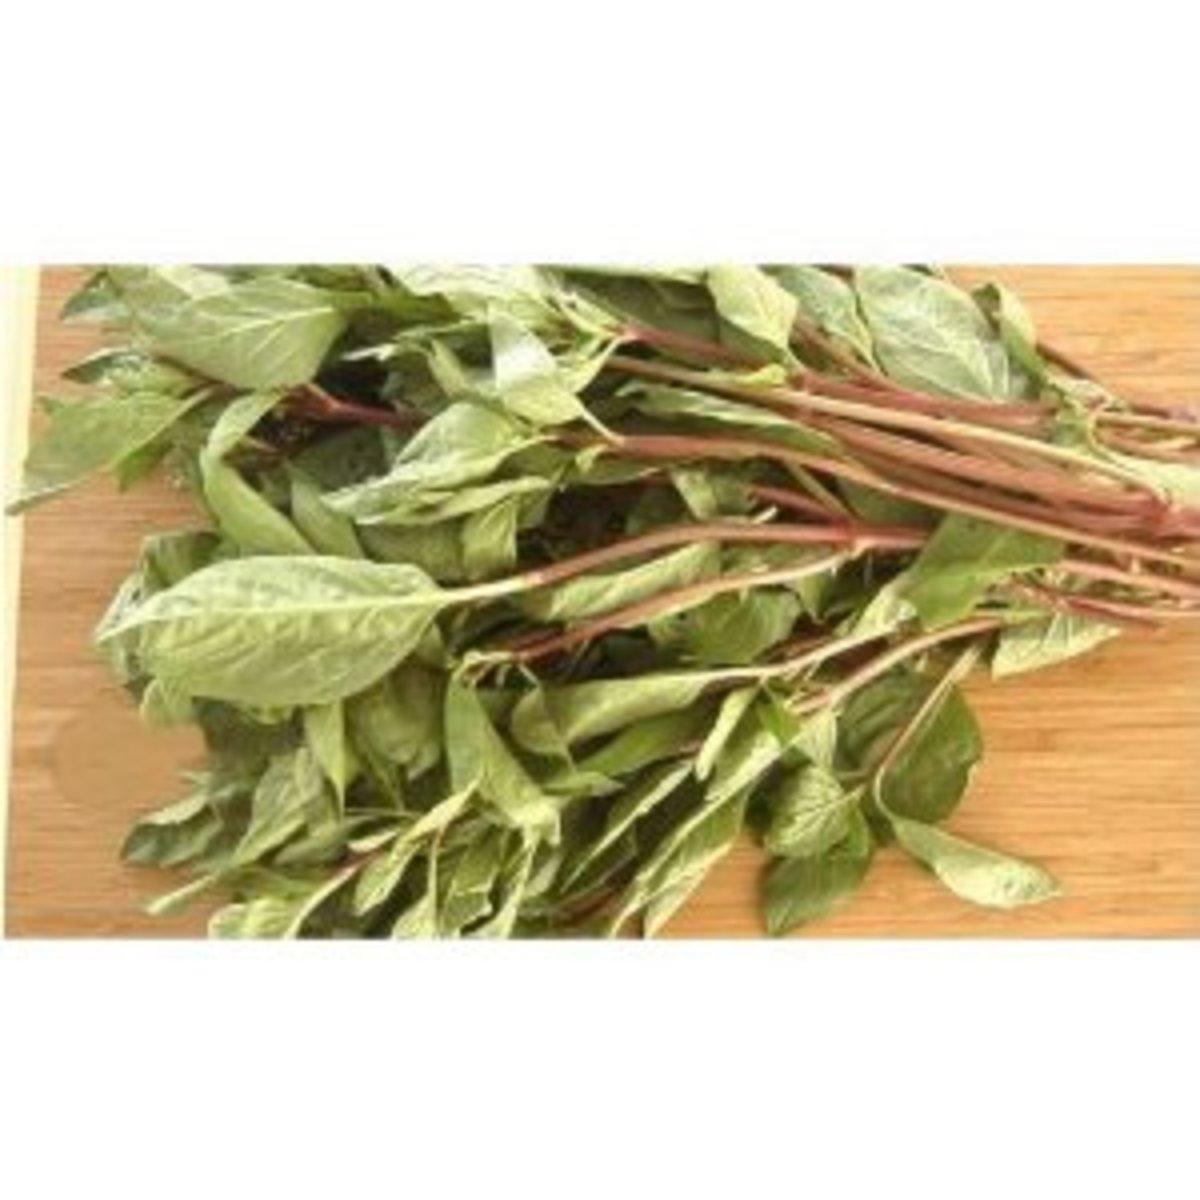 Thai Basil: Antibacterial Herb